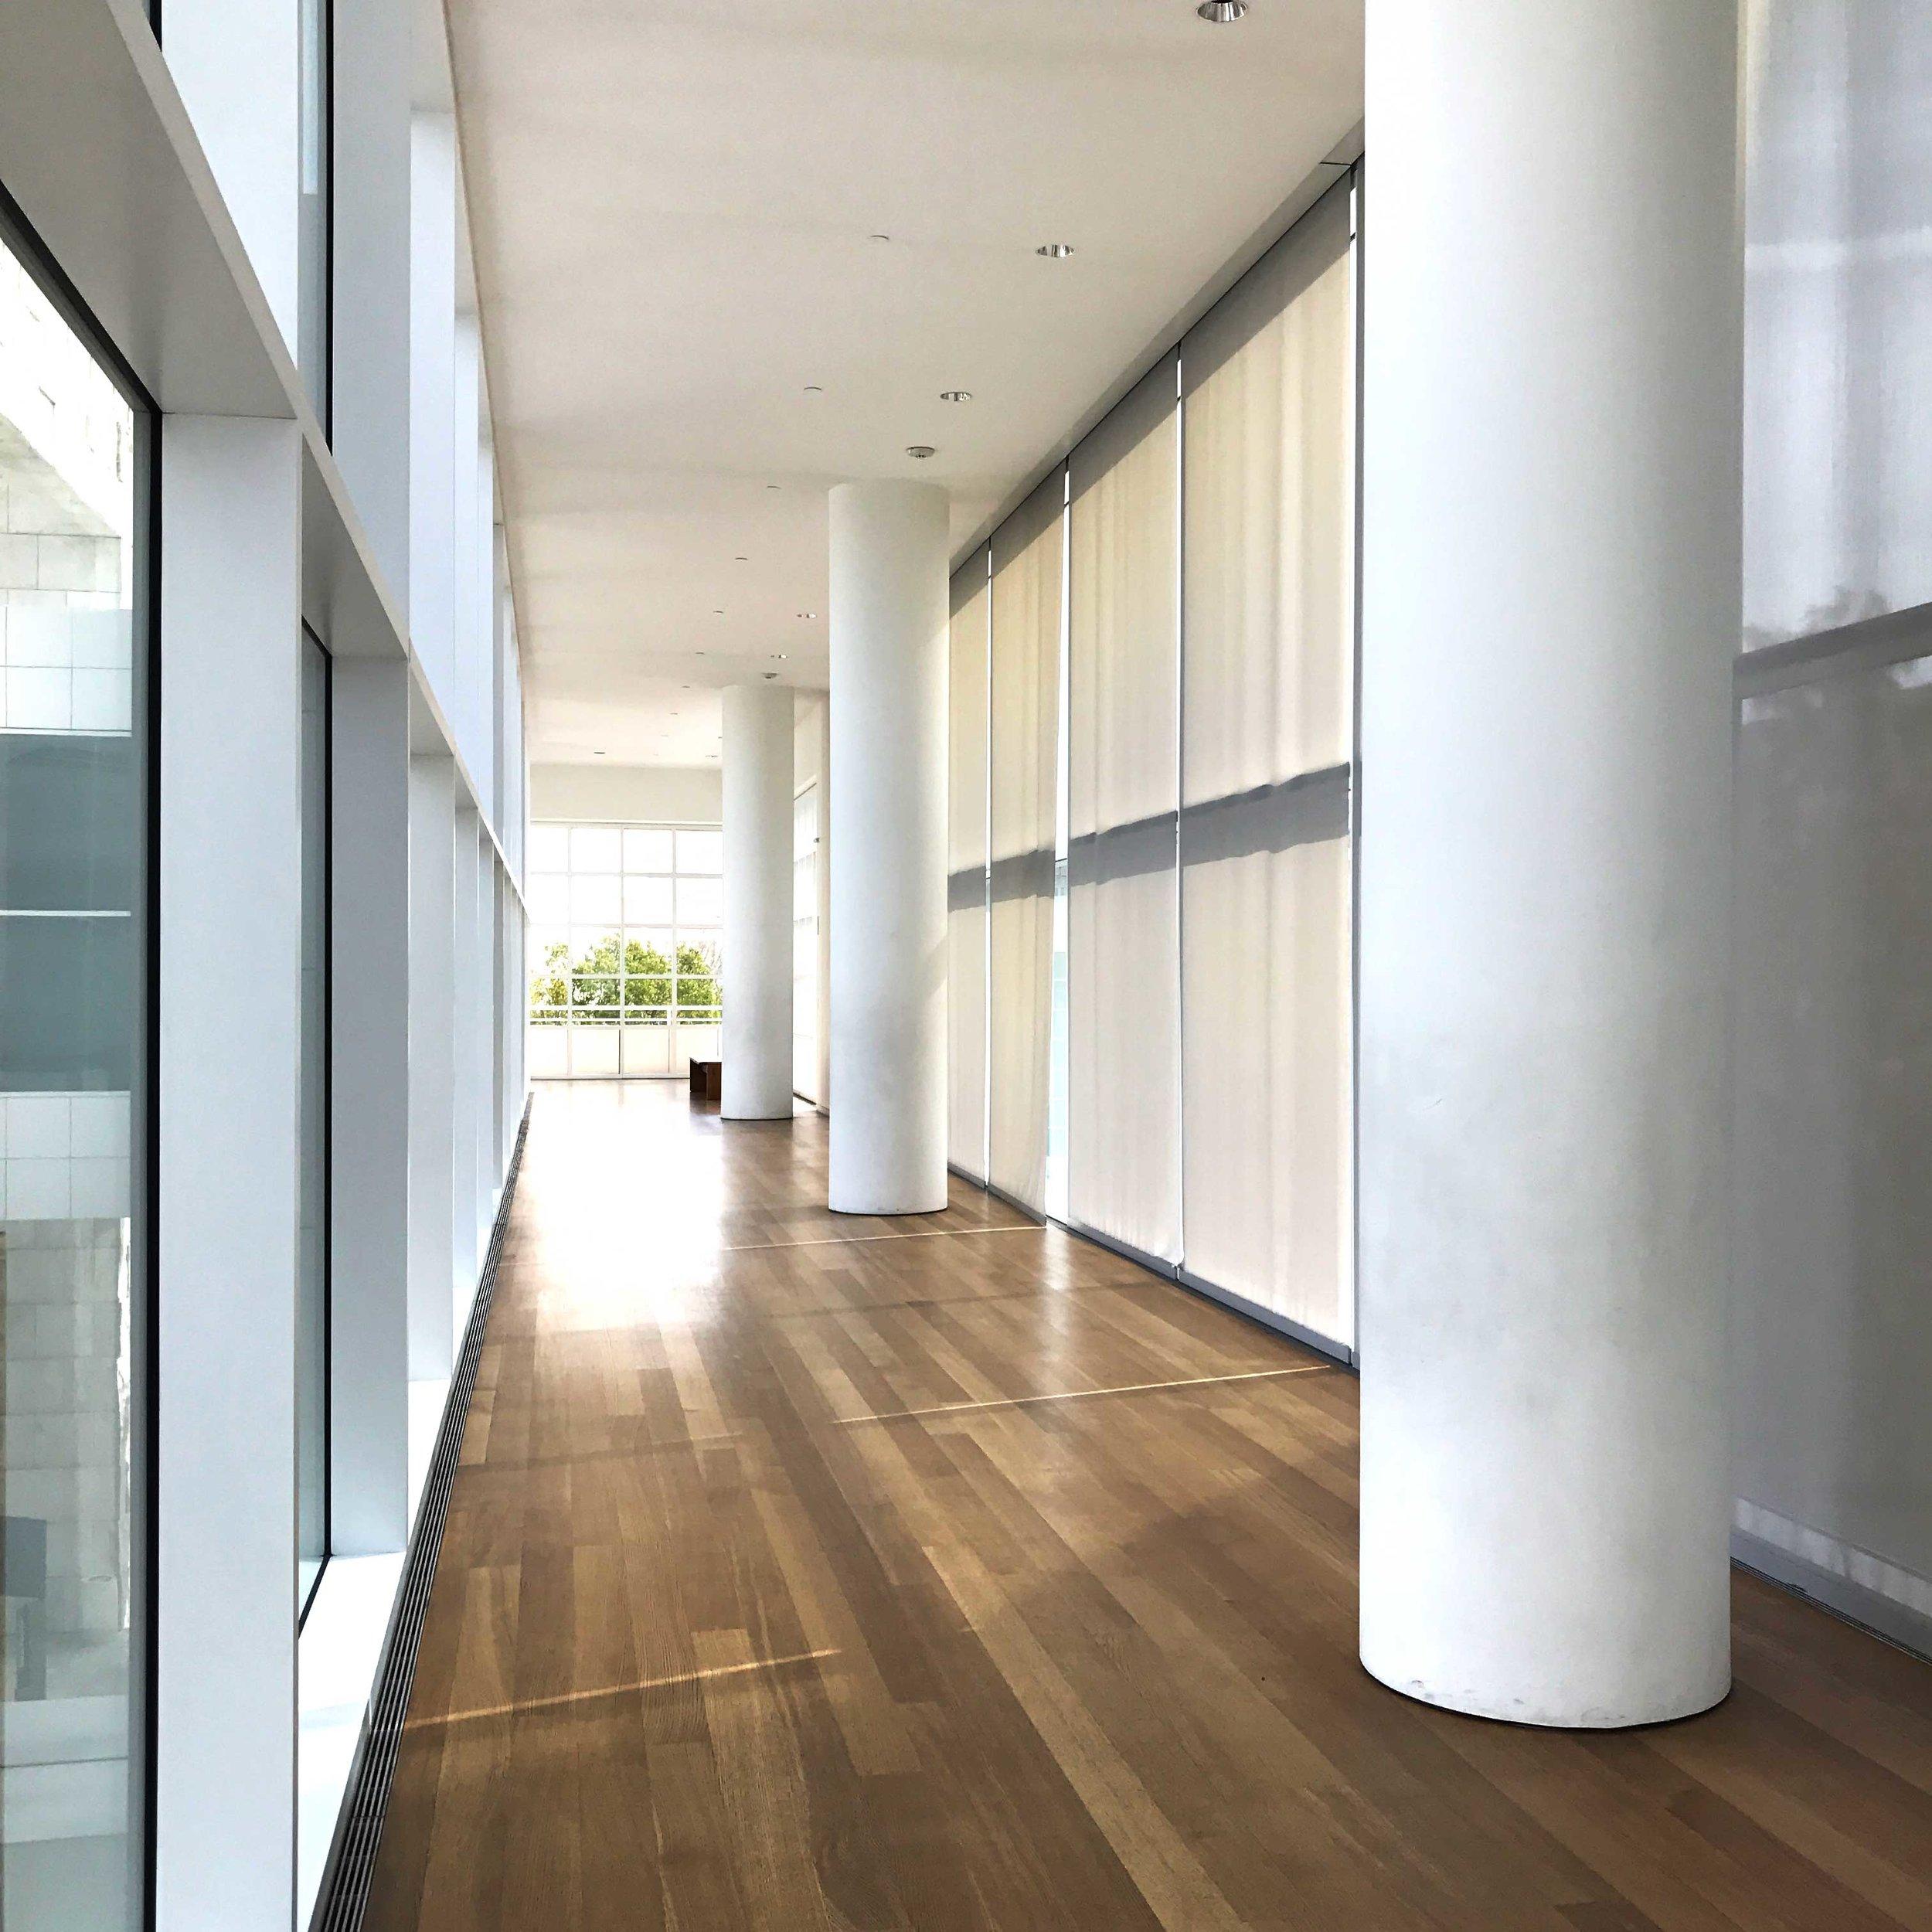 Hallway between pavilions